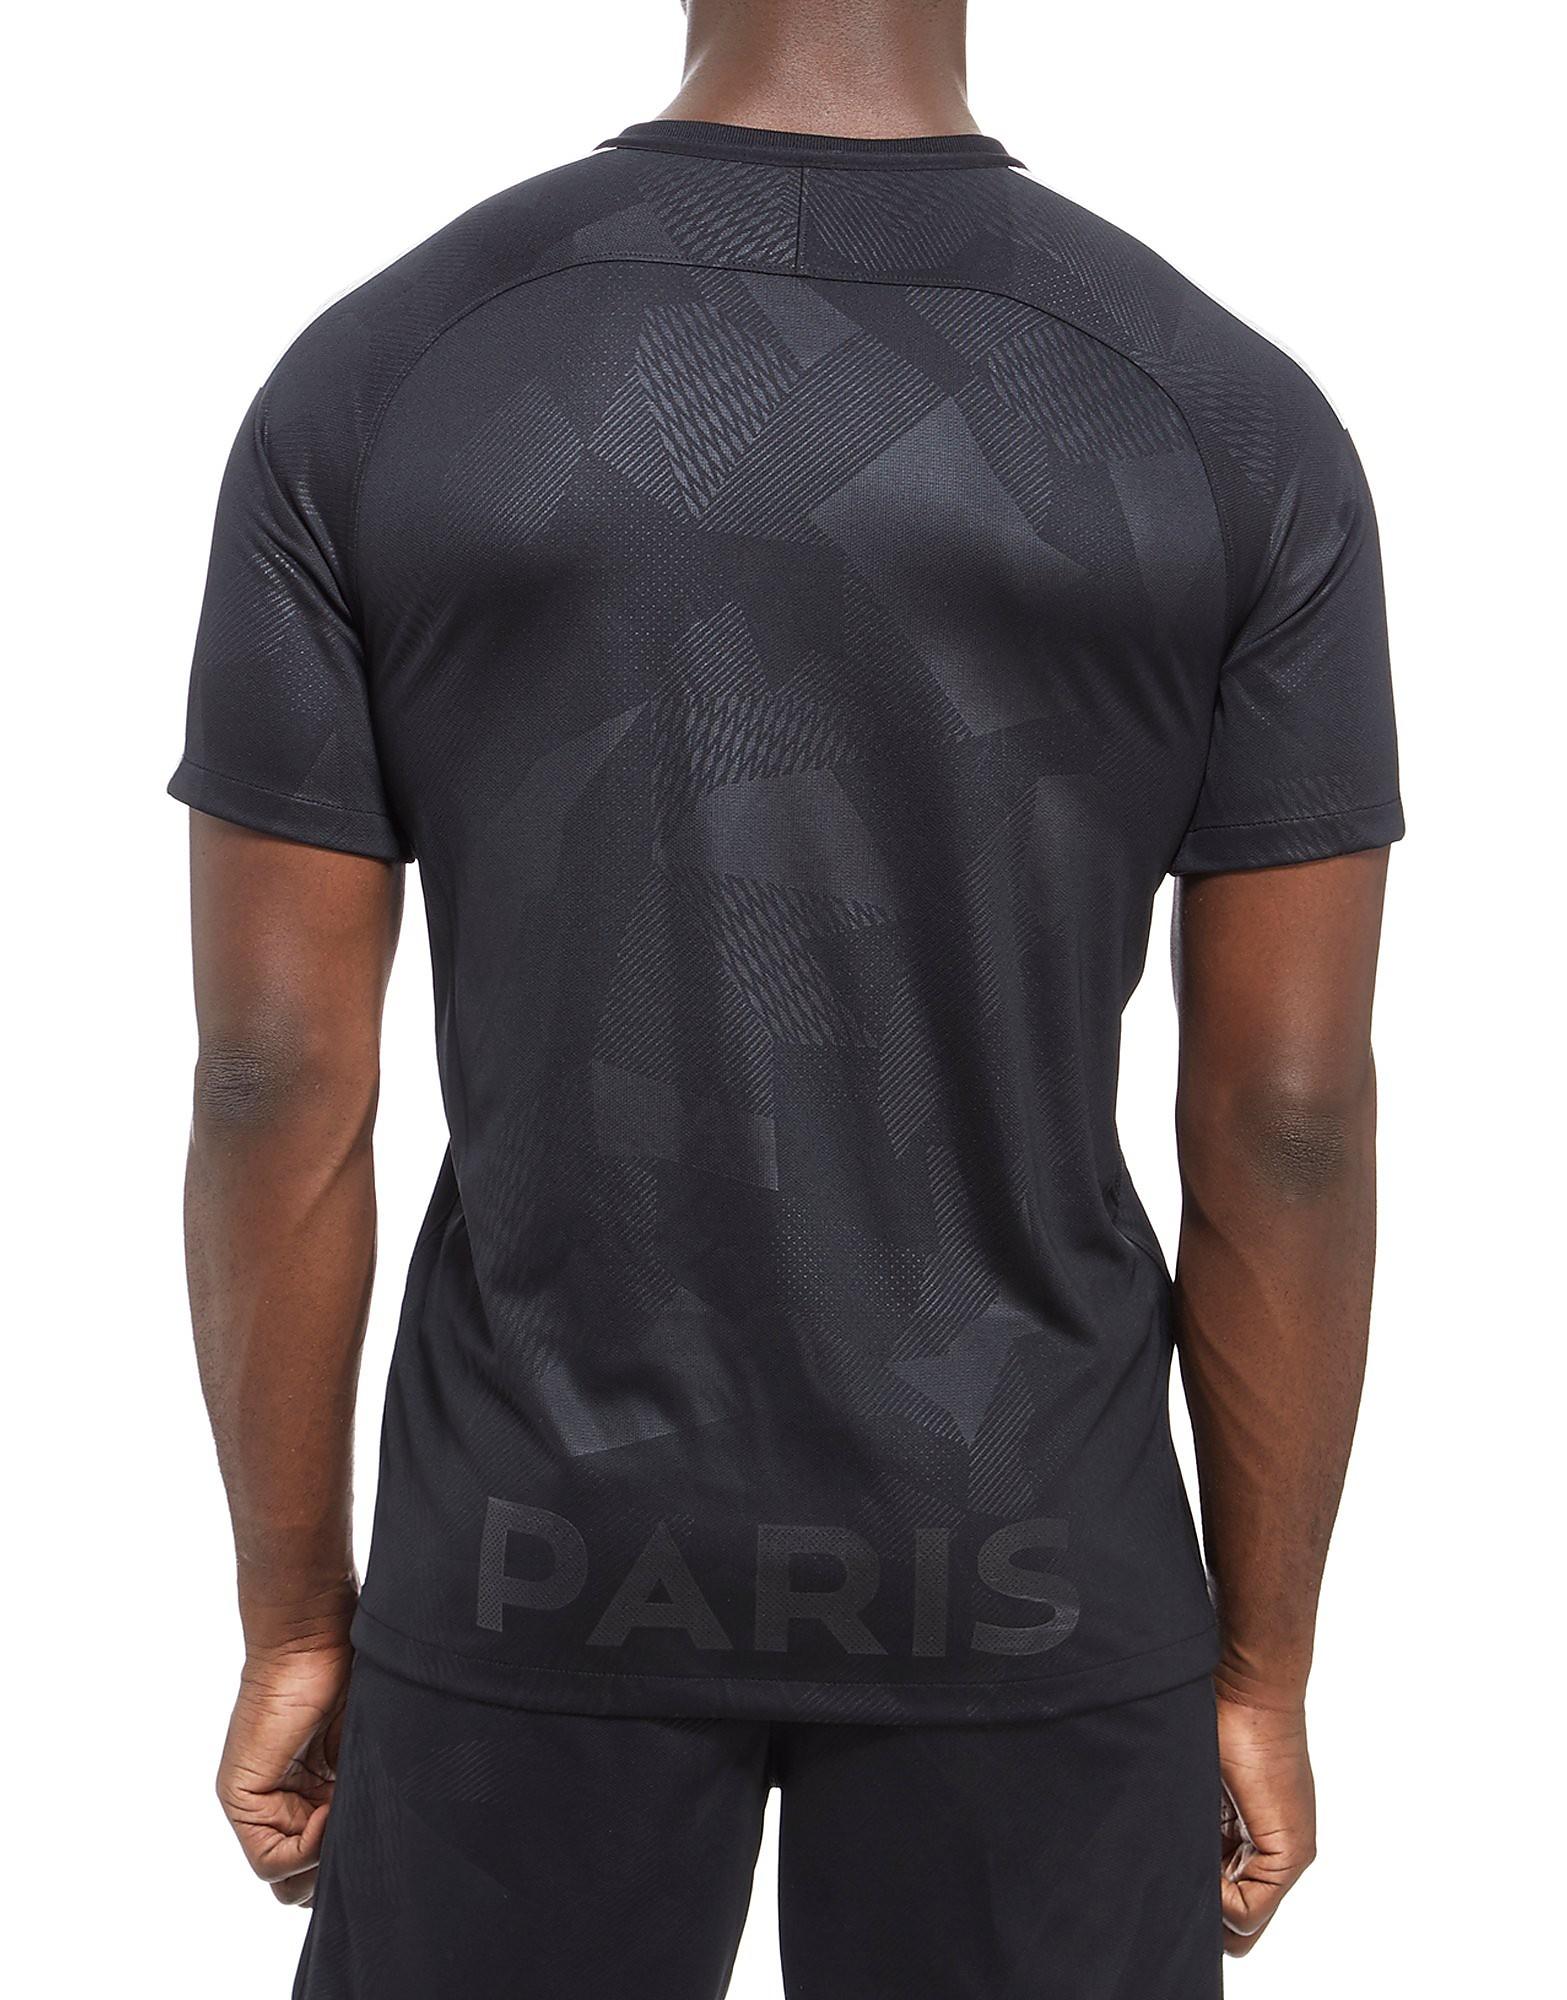 Nike Paris Saint Germain 2017/18 Third Shirt